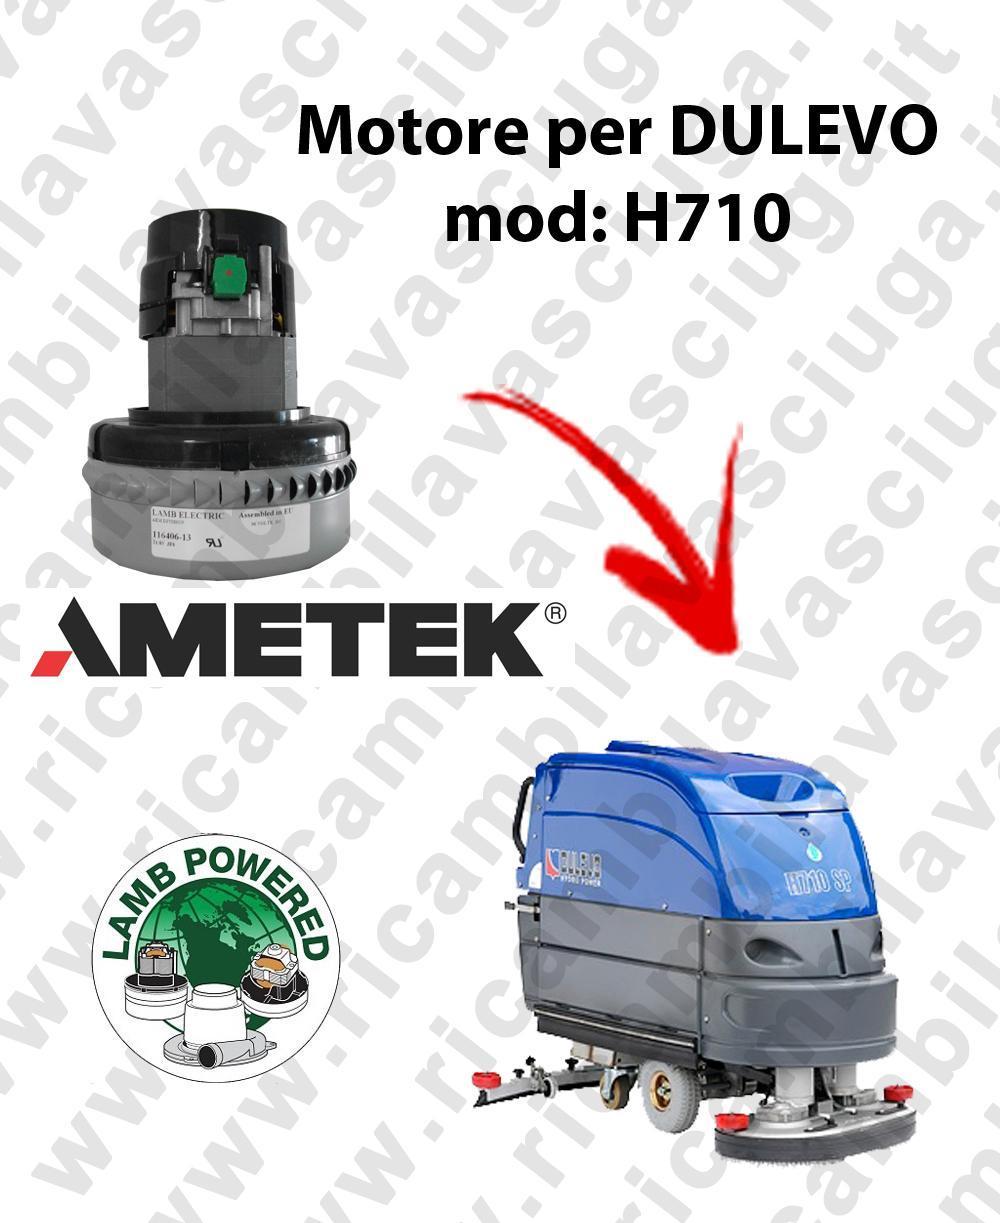 H710 MOTEUR ASPIRATION LAMB AMATEK pour autolaveuses DULEVO